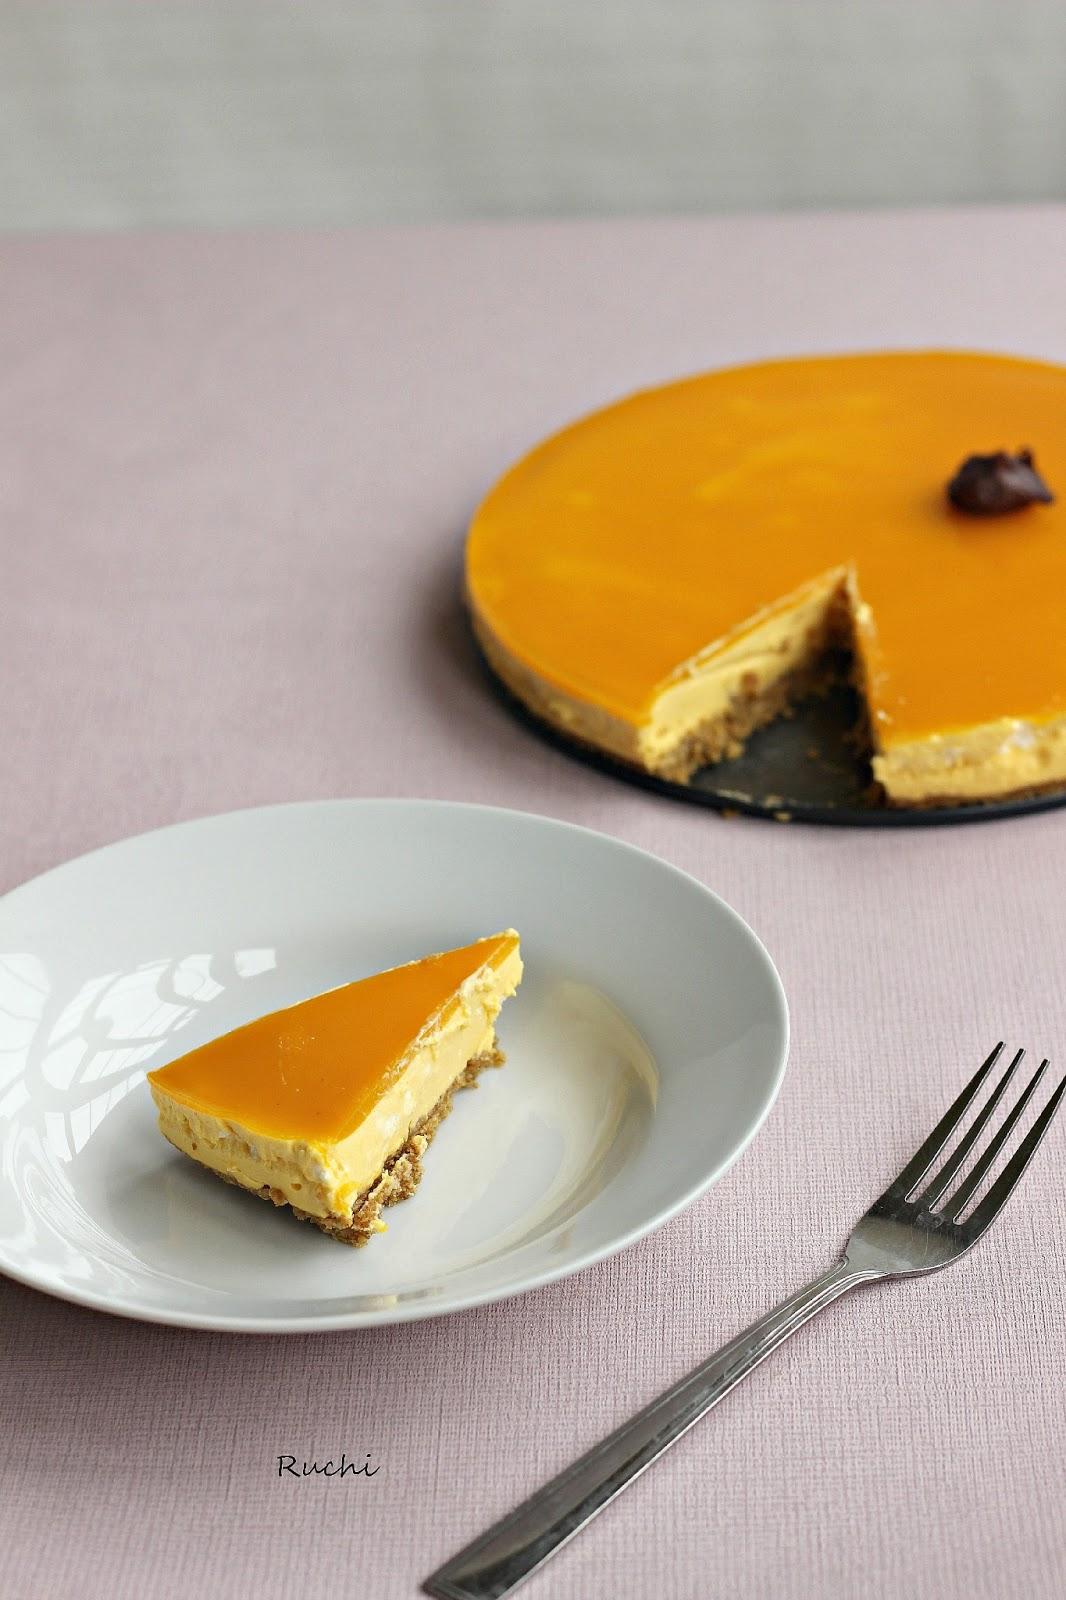 Cake Images Ruchi : RUCHI: Mango cheese cake